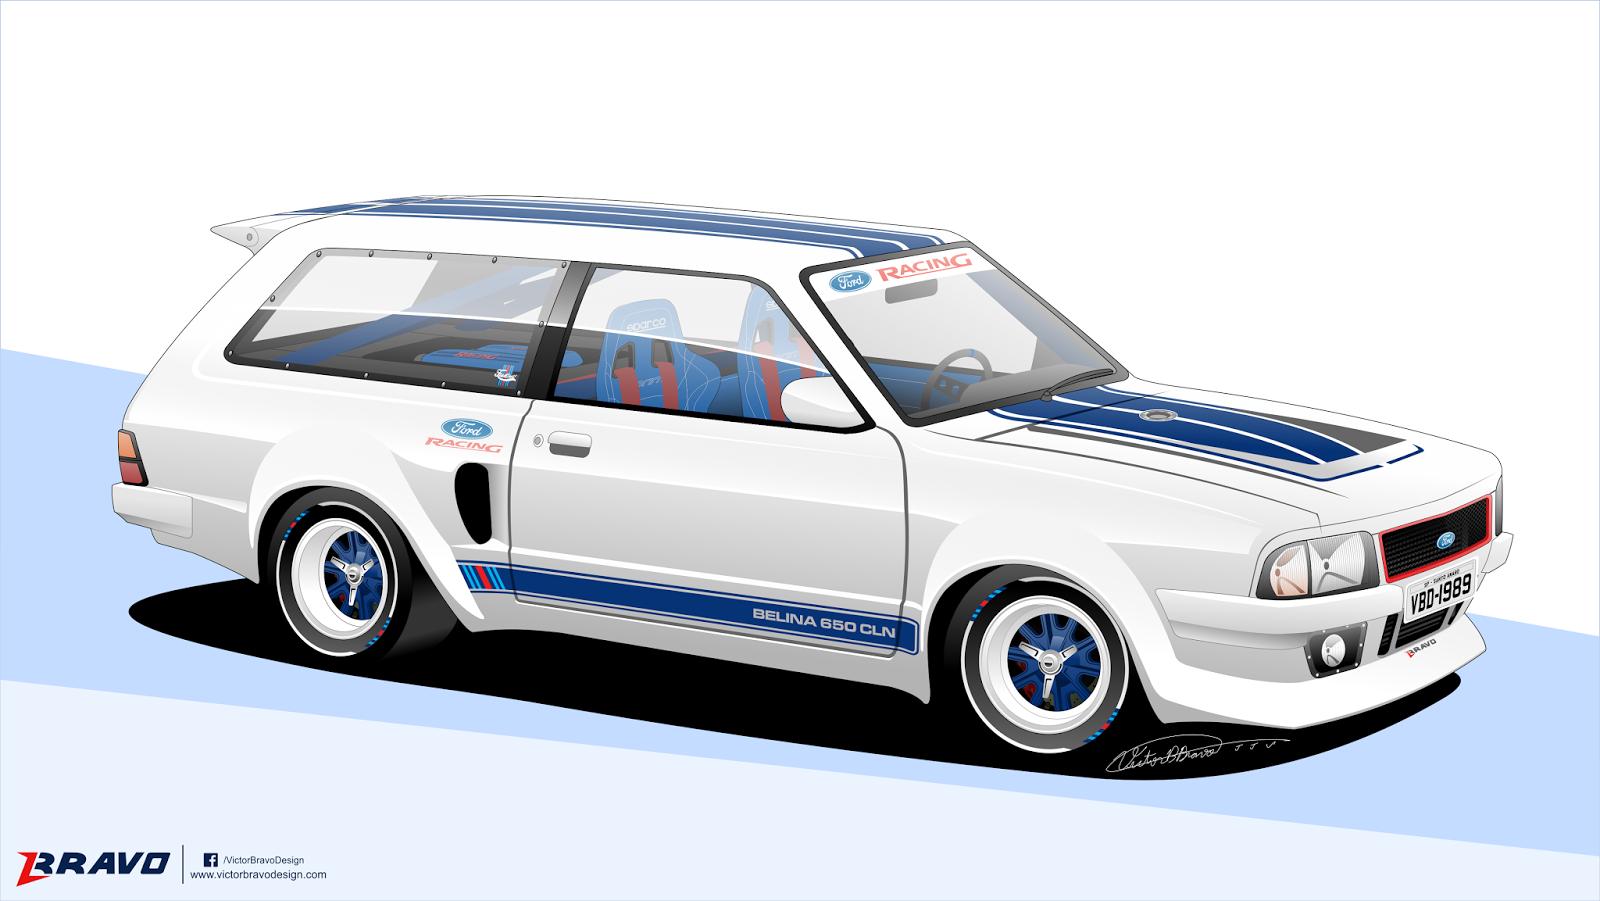 """Imagem mostrando o desenho da frente da Ford Belina II """"650 CLN"""""""